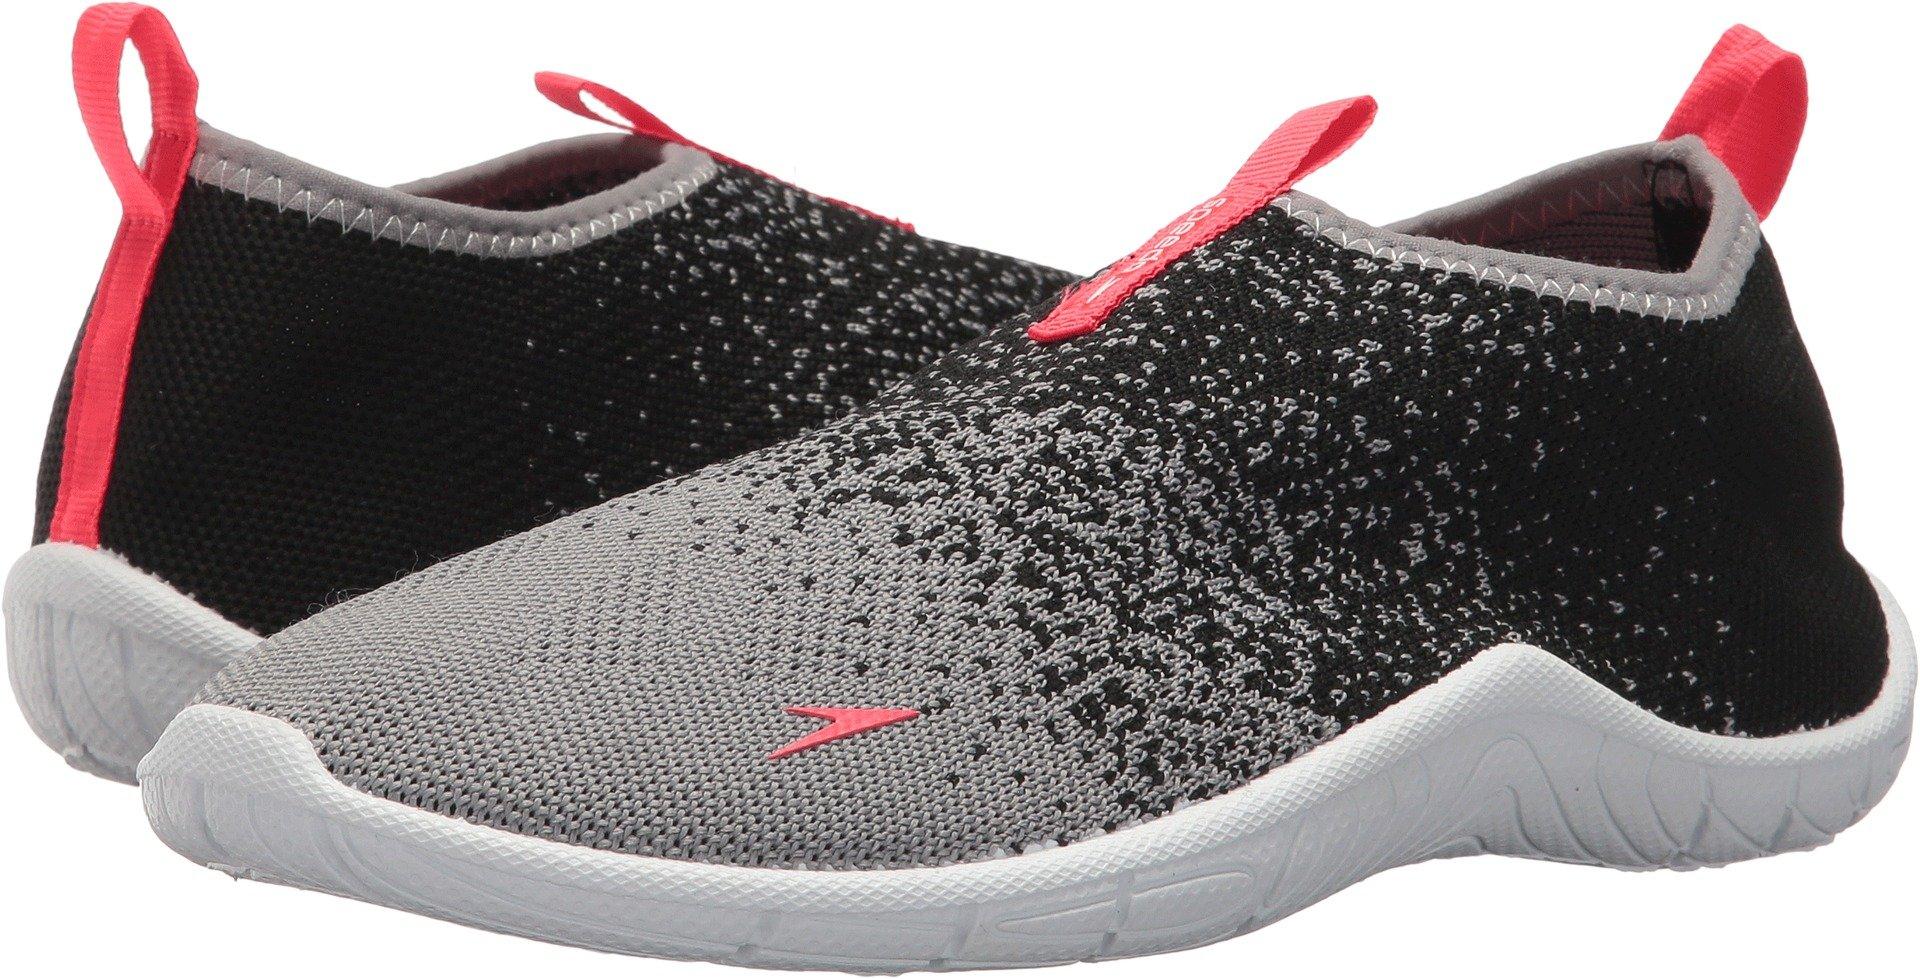 Speedo Women's Surf Knit Water Shoe, Frost Grey/Flame, 8 C/D US